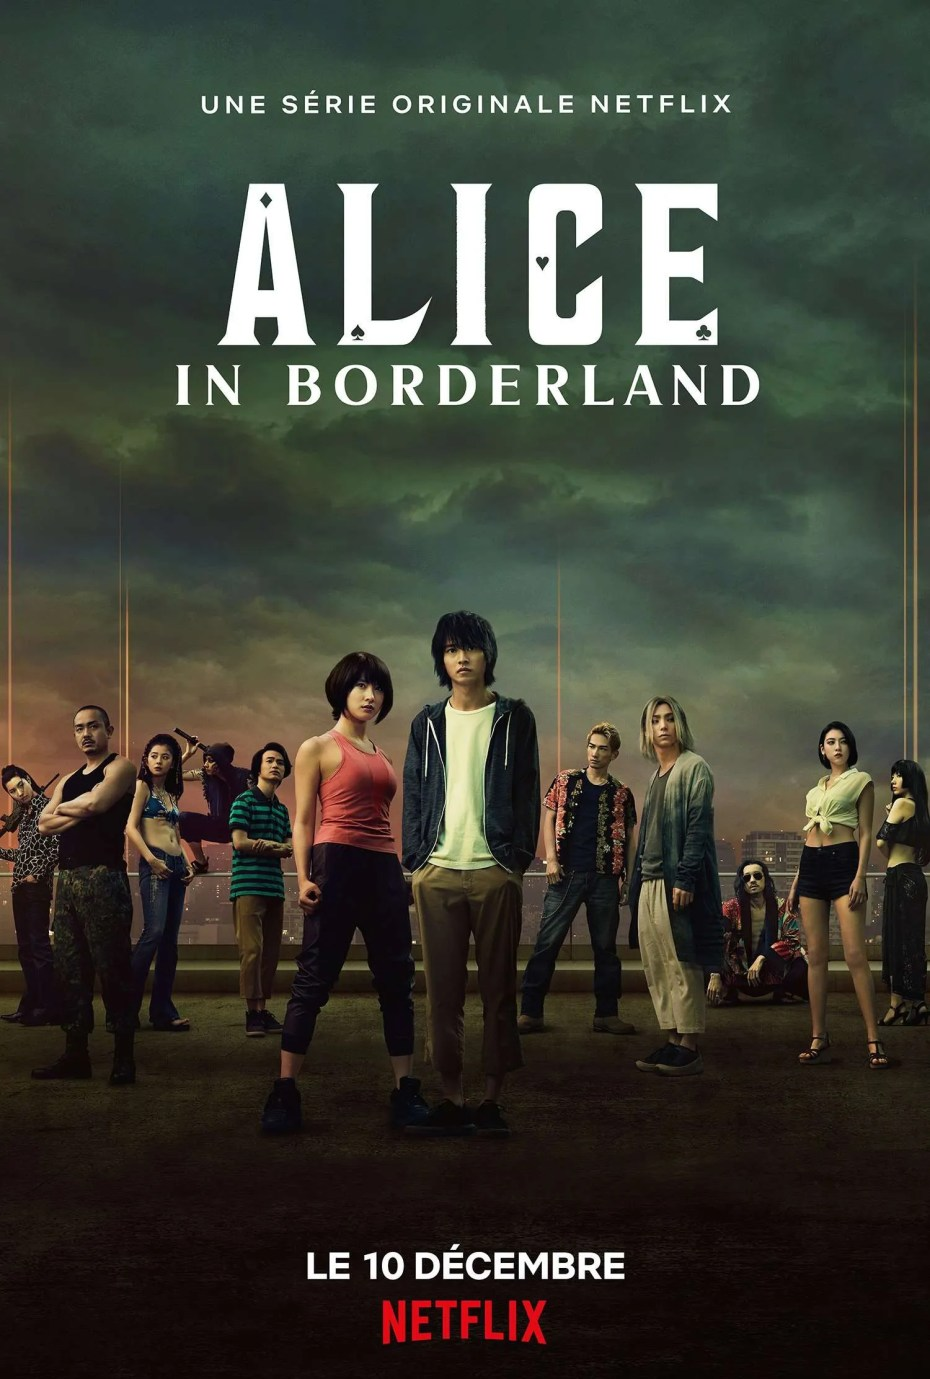 Alice in Borderland